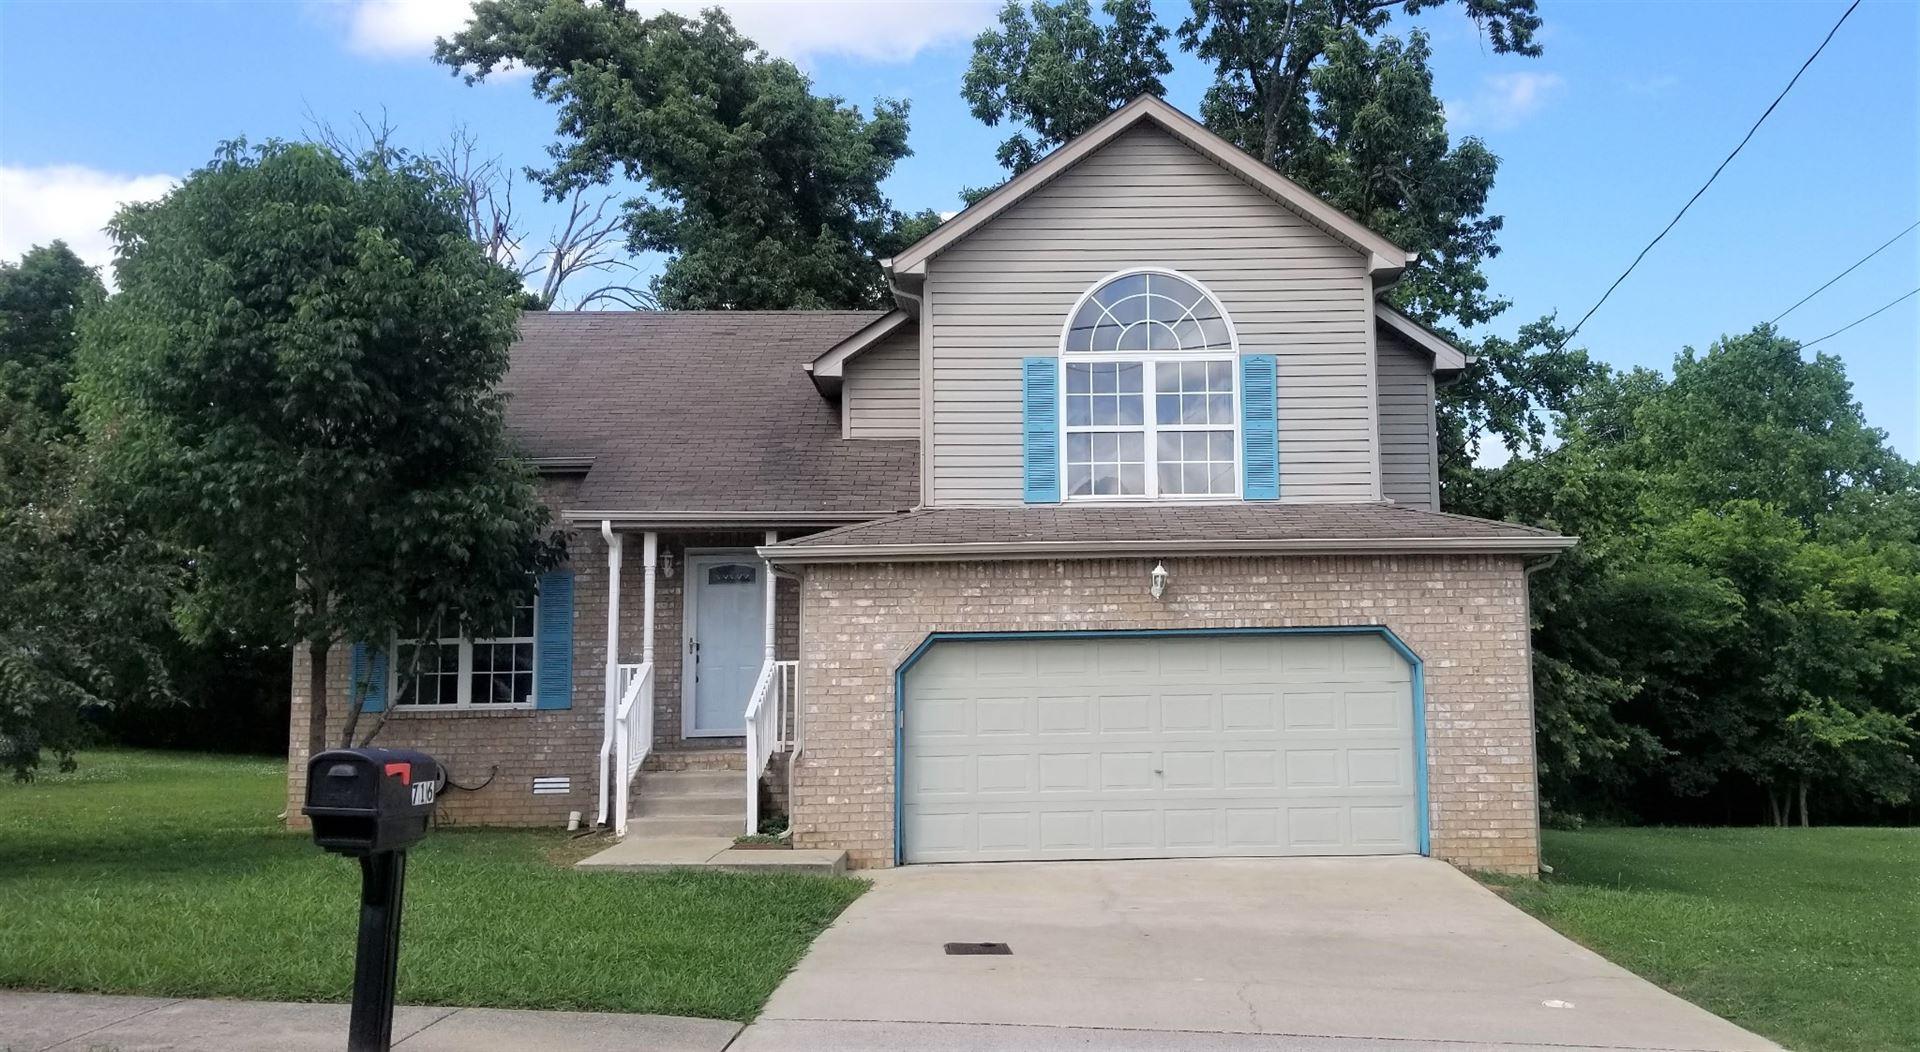 716 Post Oak Dr, Antioch, TN 37013 - MLS#: 2261041